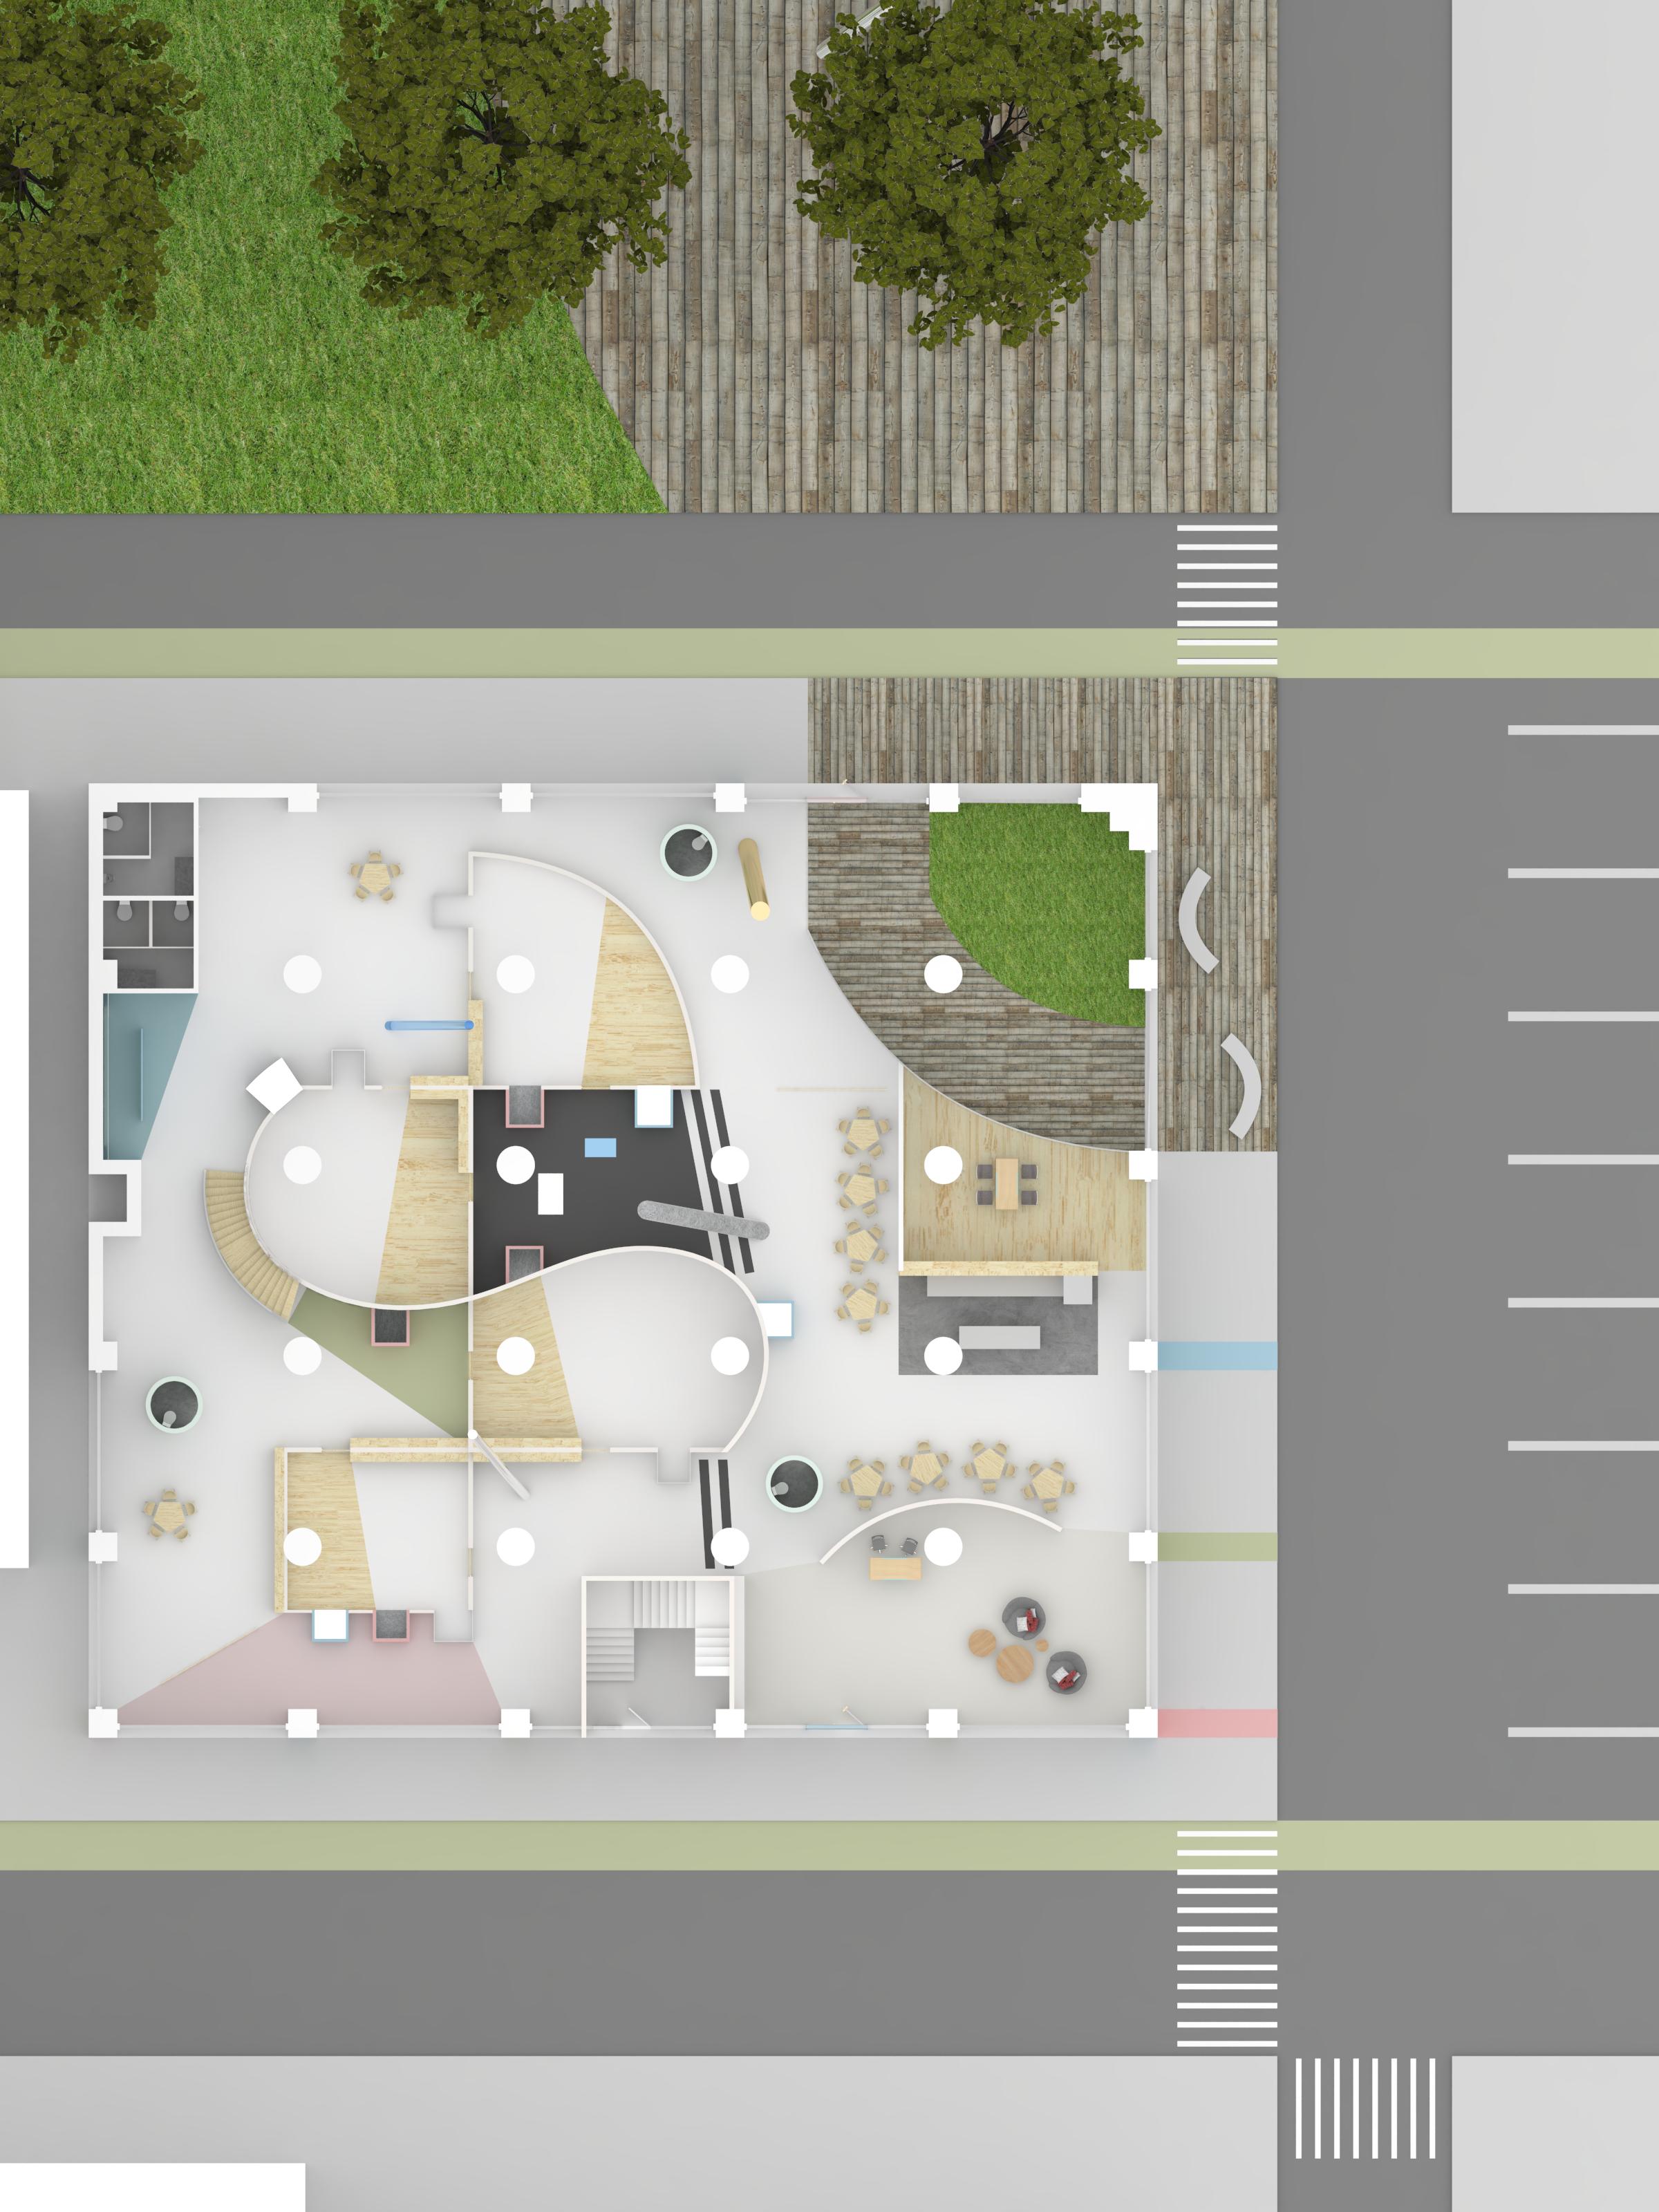 1st floor rendered plan